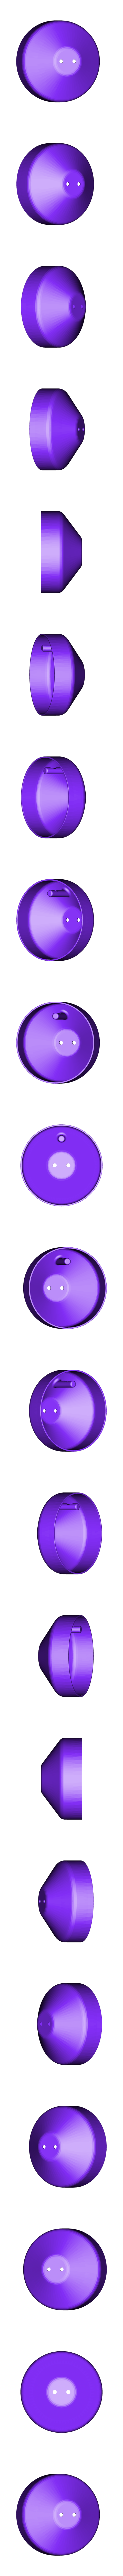 patère corps.stl Télécharger fichier STL gratuit DOT • • Plan à imprimer en 3D, Mouche